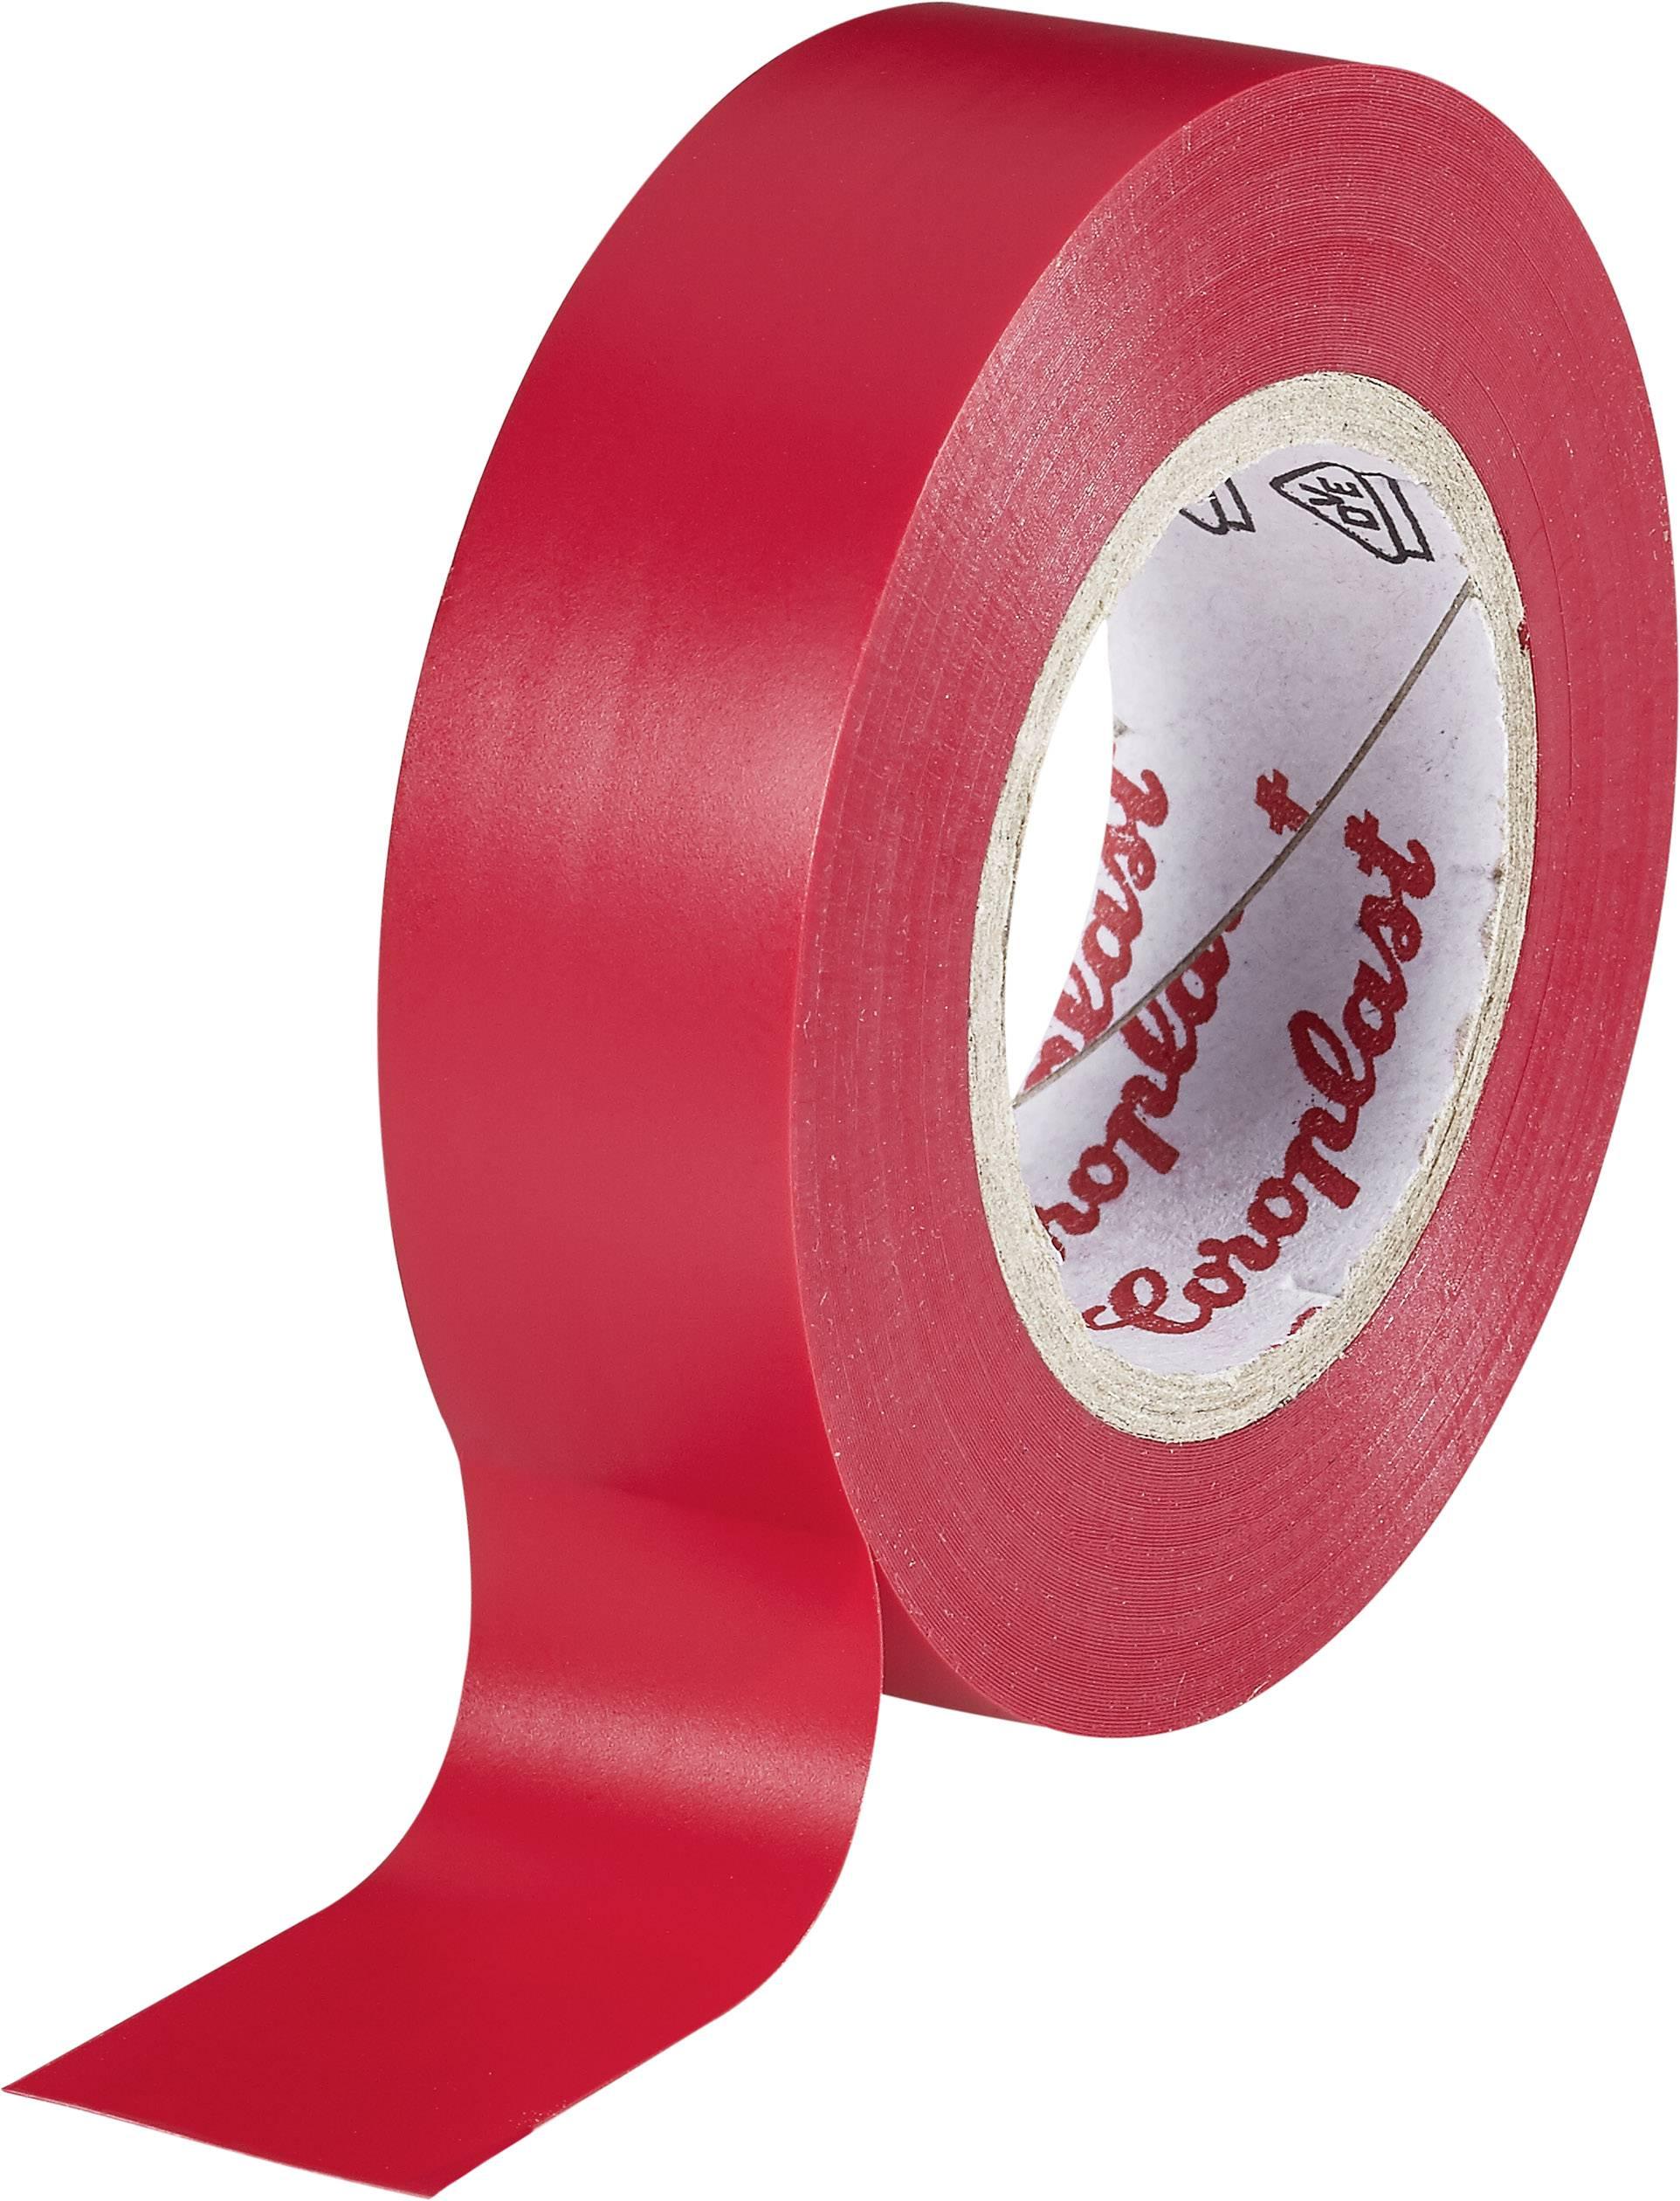 Izolační páska Coroplast, 302, 19 mm x 10 m, červená